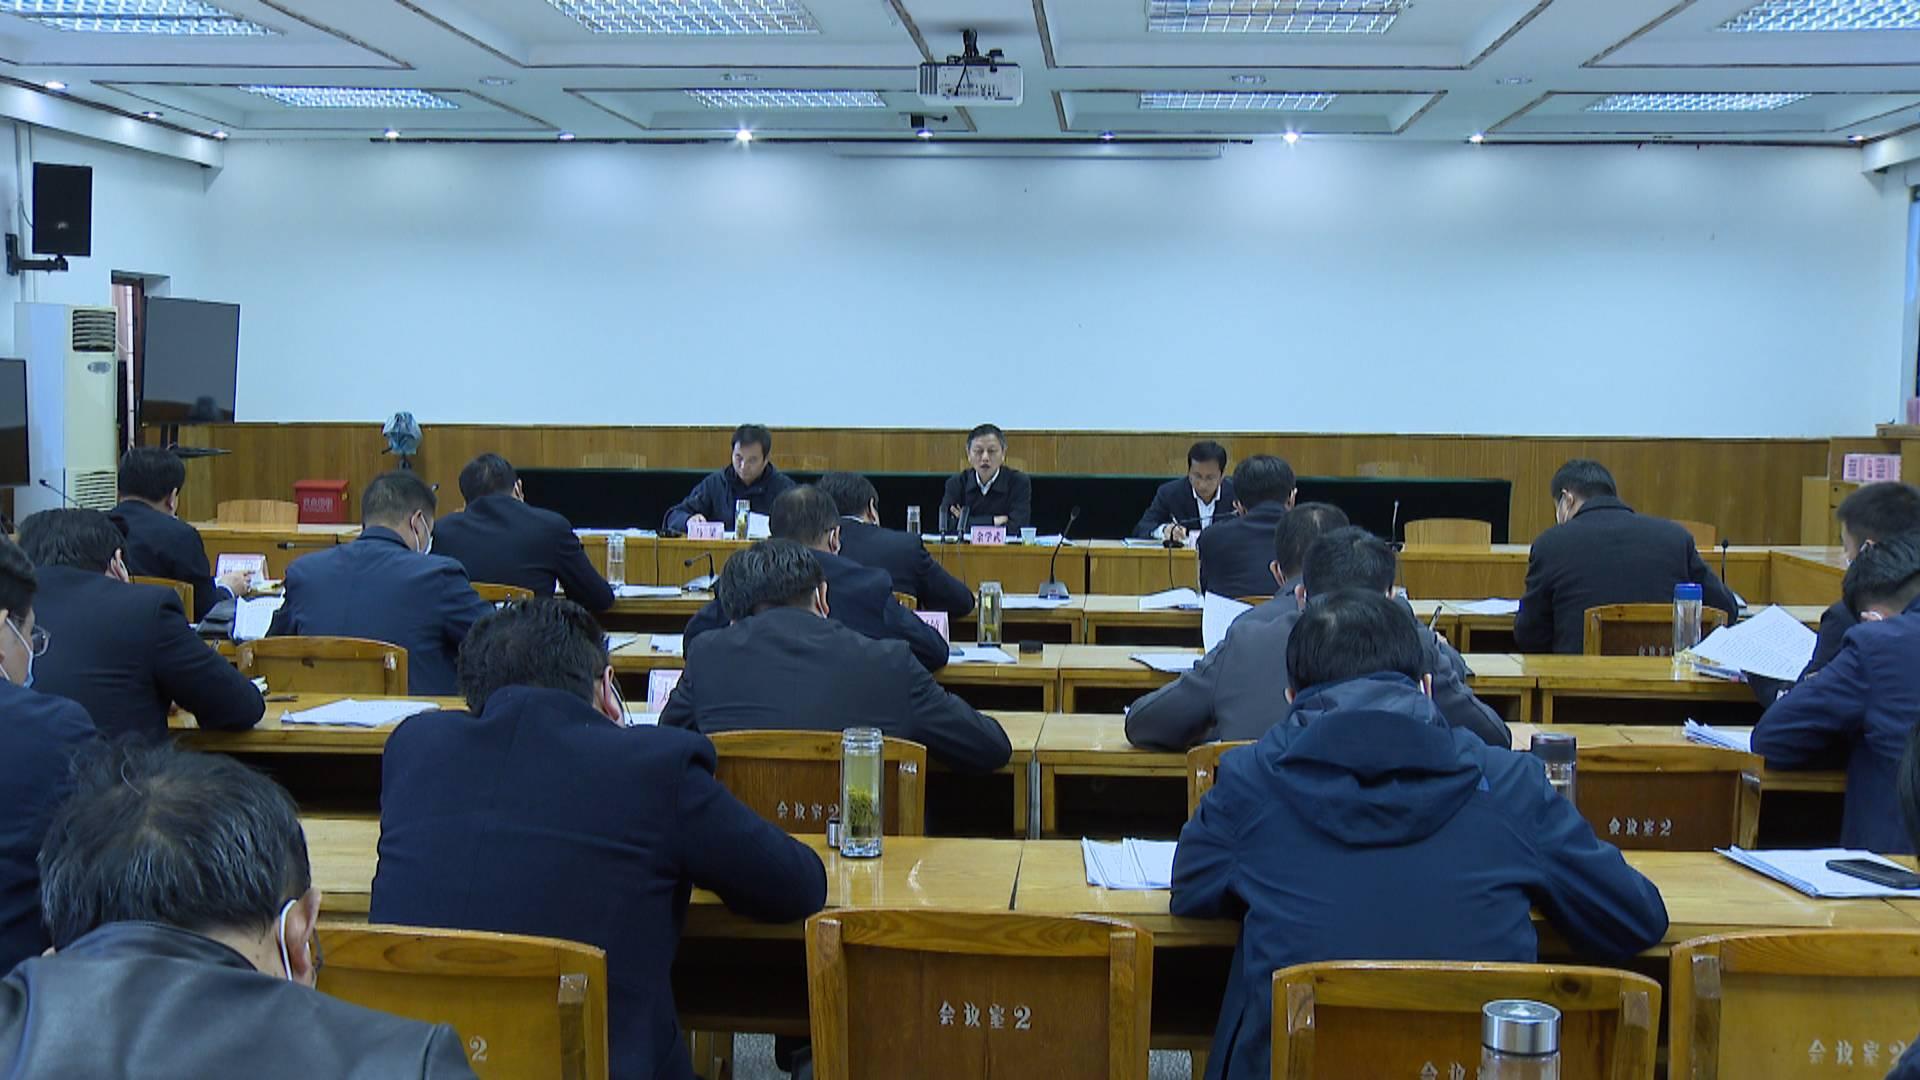 余学武主持召开2020年县扶贫攻坚领导小组第十一次会议